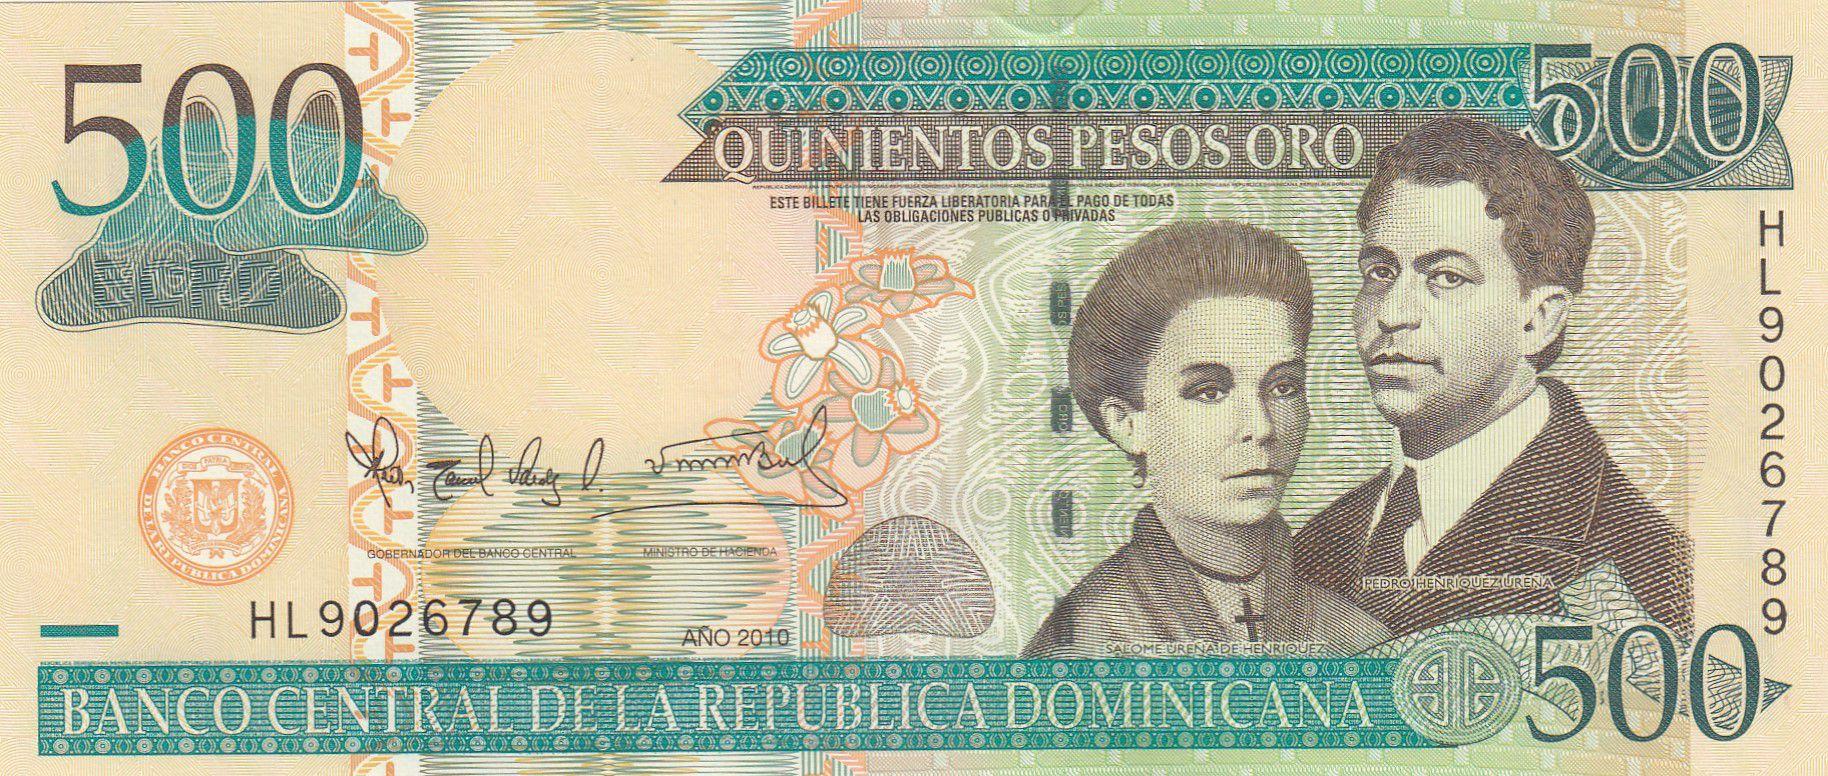 Dominicaine Rép. 500 Pesos S. U. de Enriquez, P. H. Zurena - 2010 - P.179c - Neuf